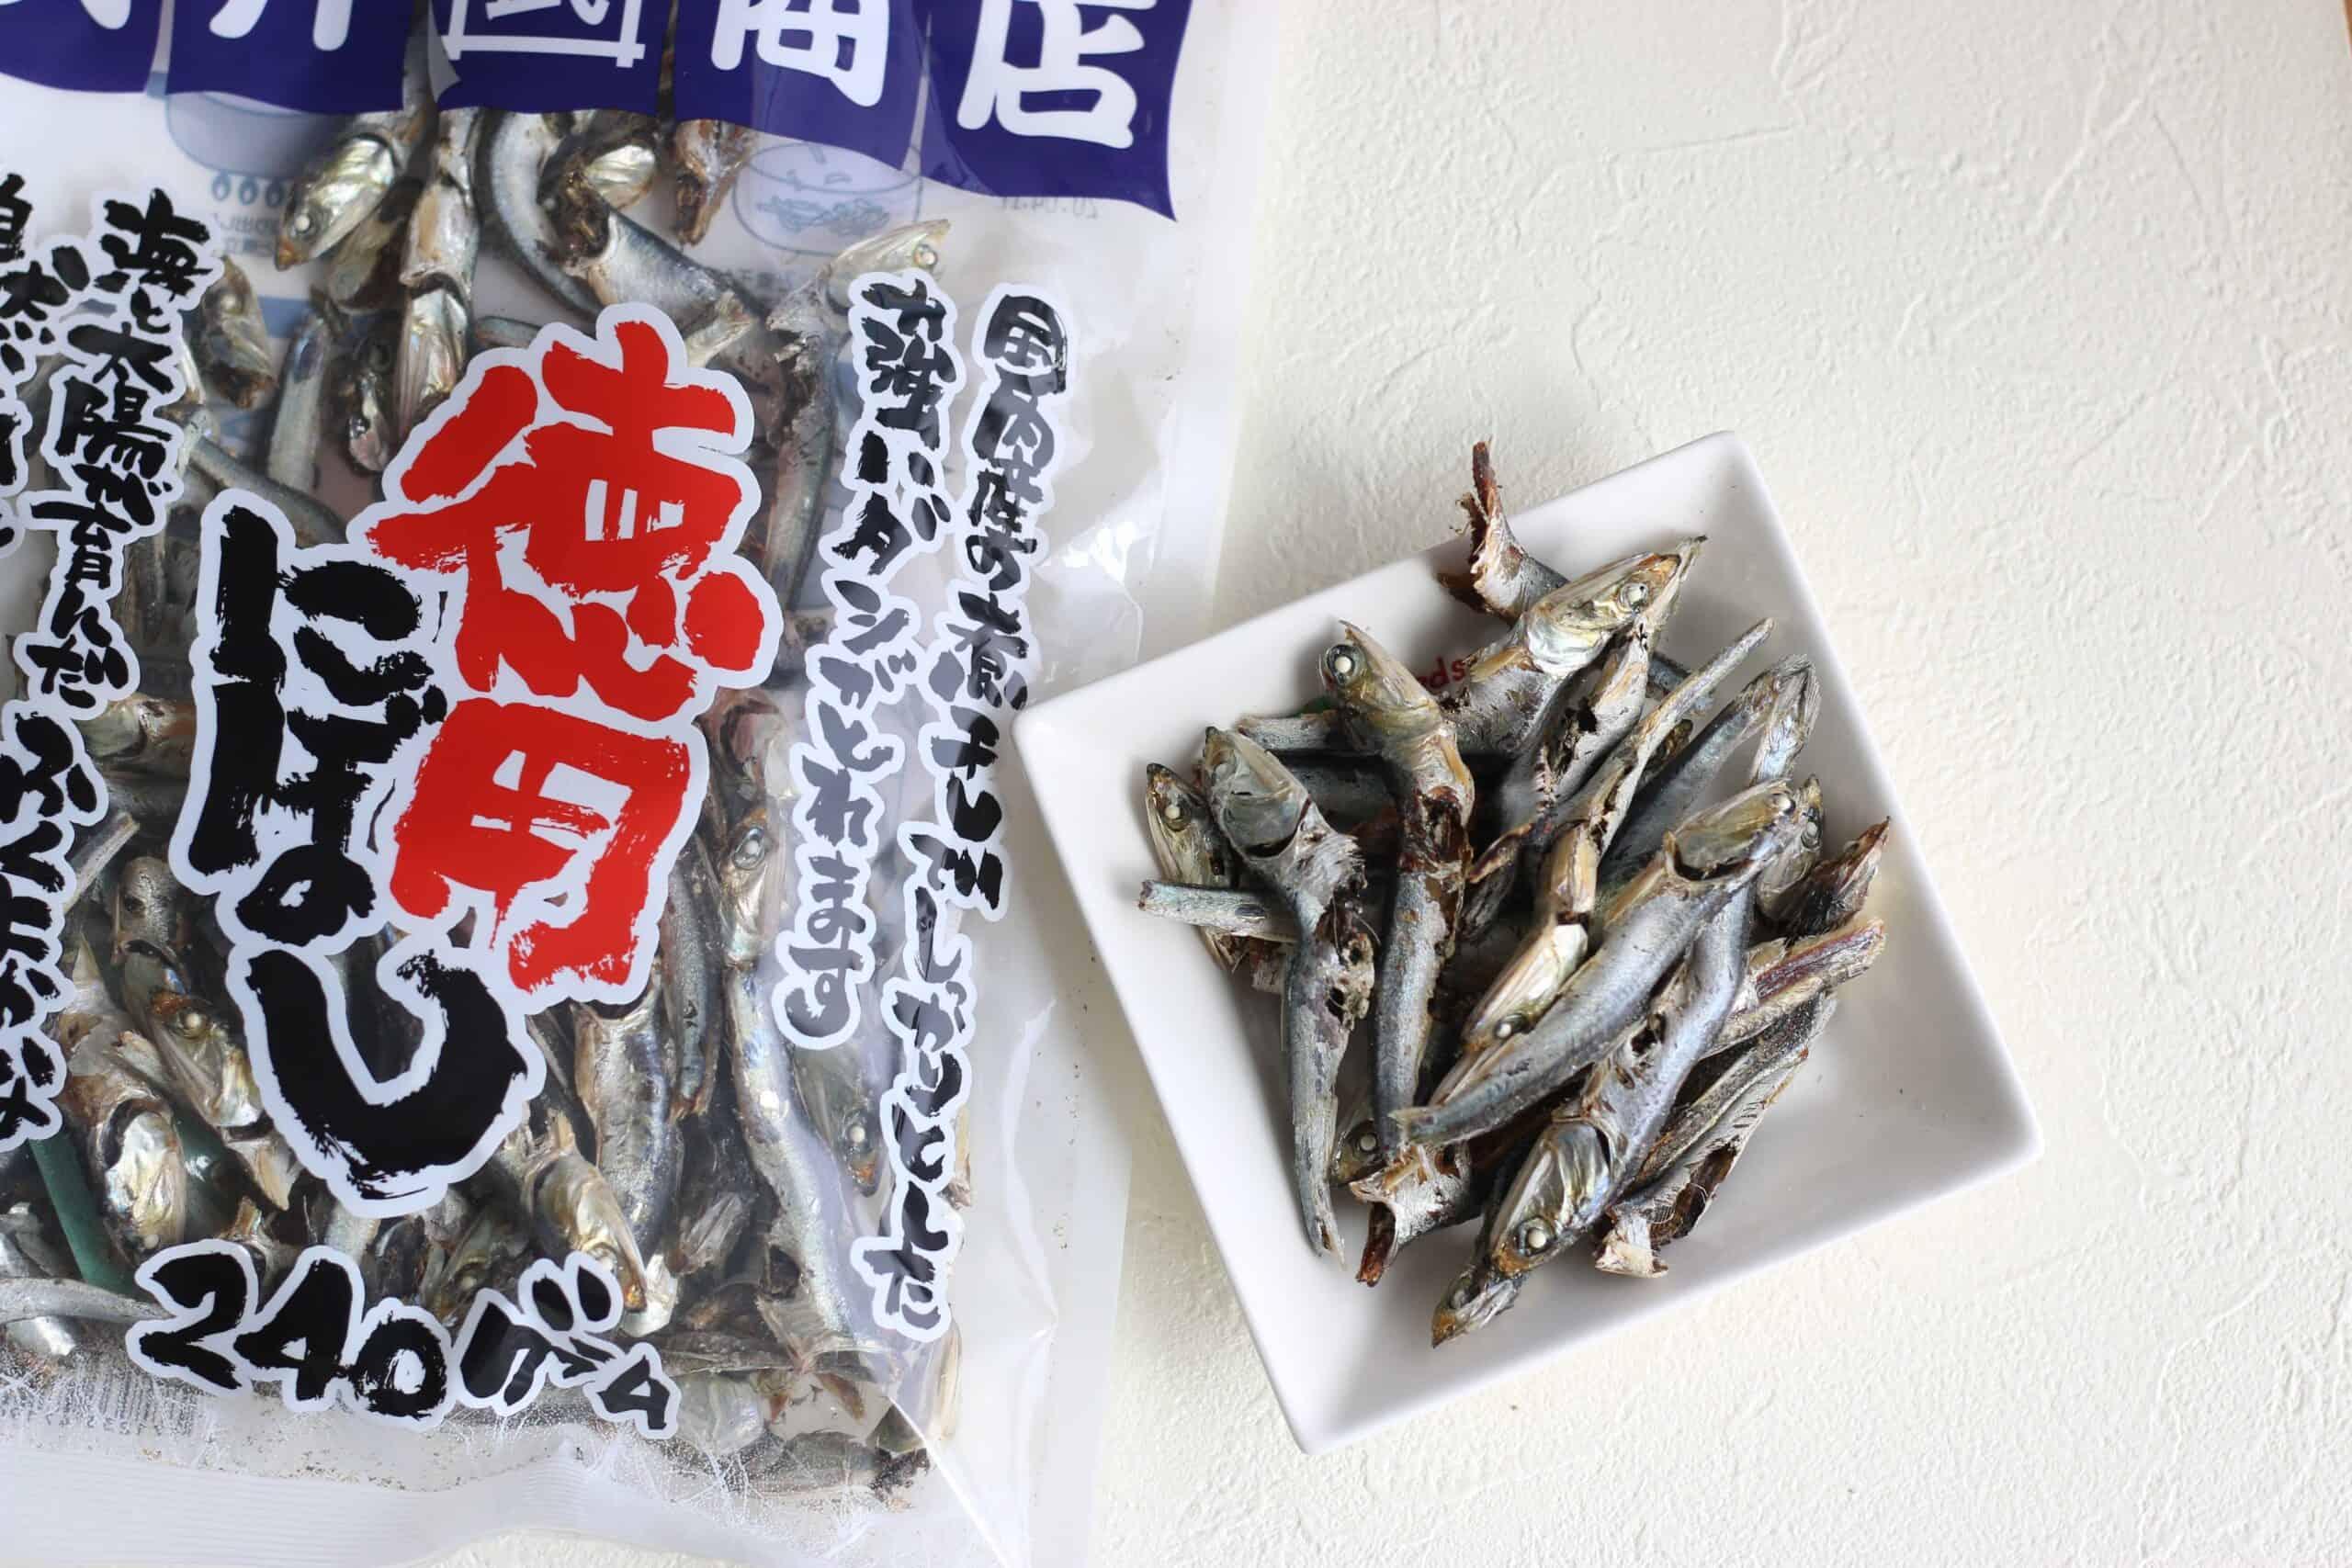 niboshi for dashi stock